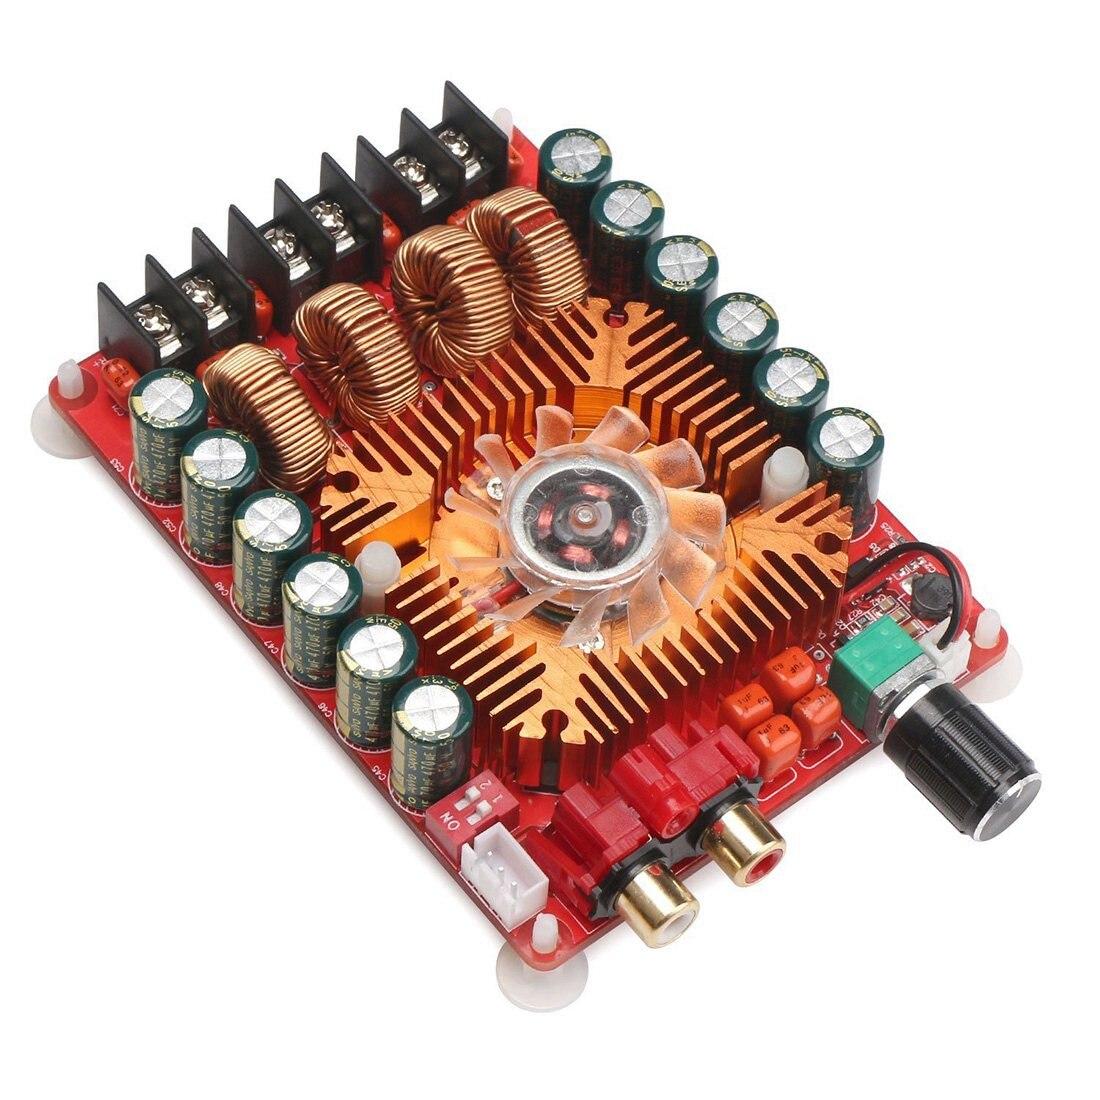 TDA7498E 2X160W Двухканальный аудио усилитель плата, Поддержка BTL режим 1X220W одноканальный, DC 24V Цифровой стерео усилитель мощности